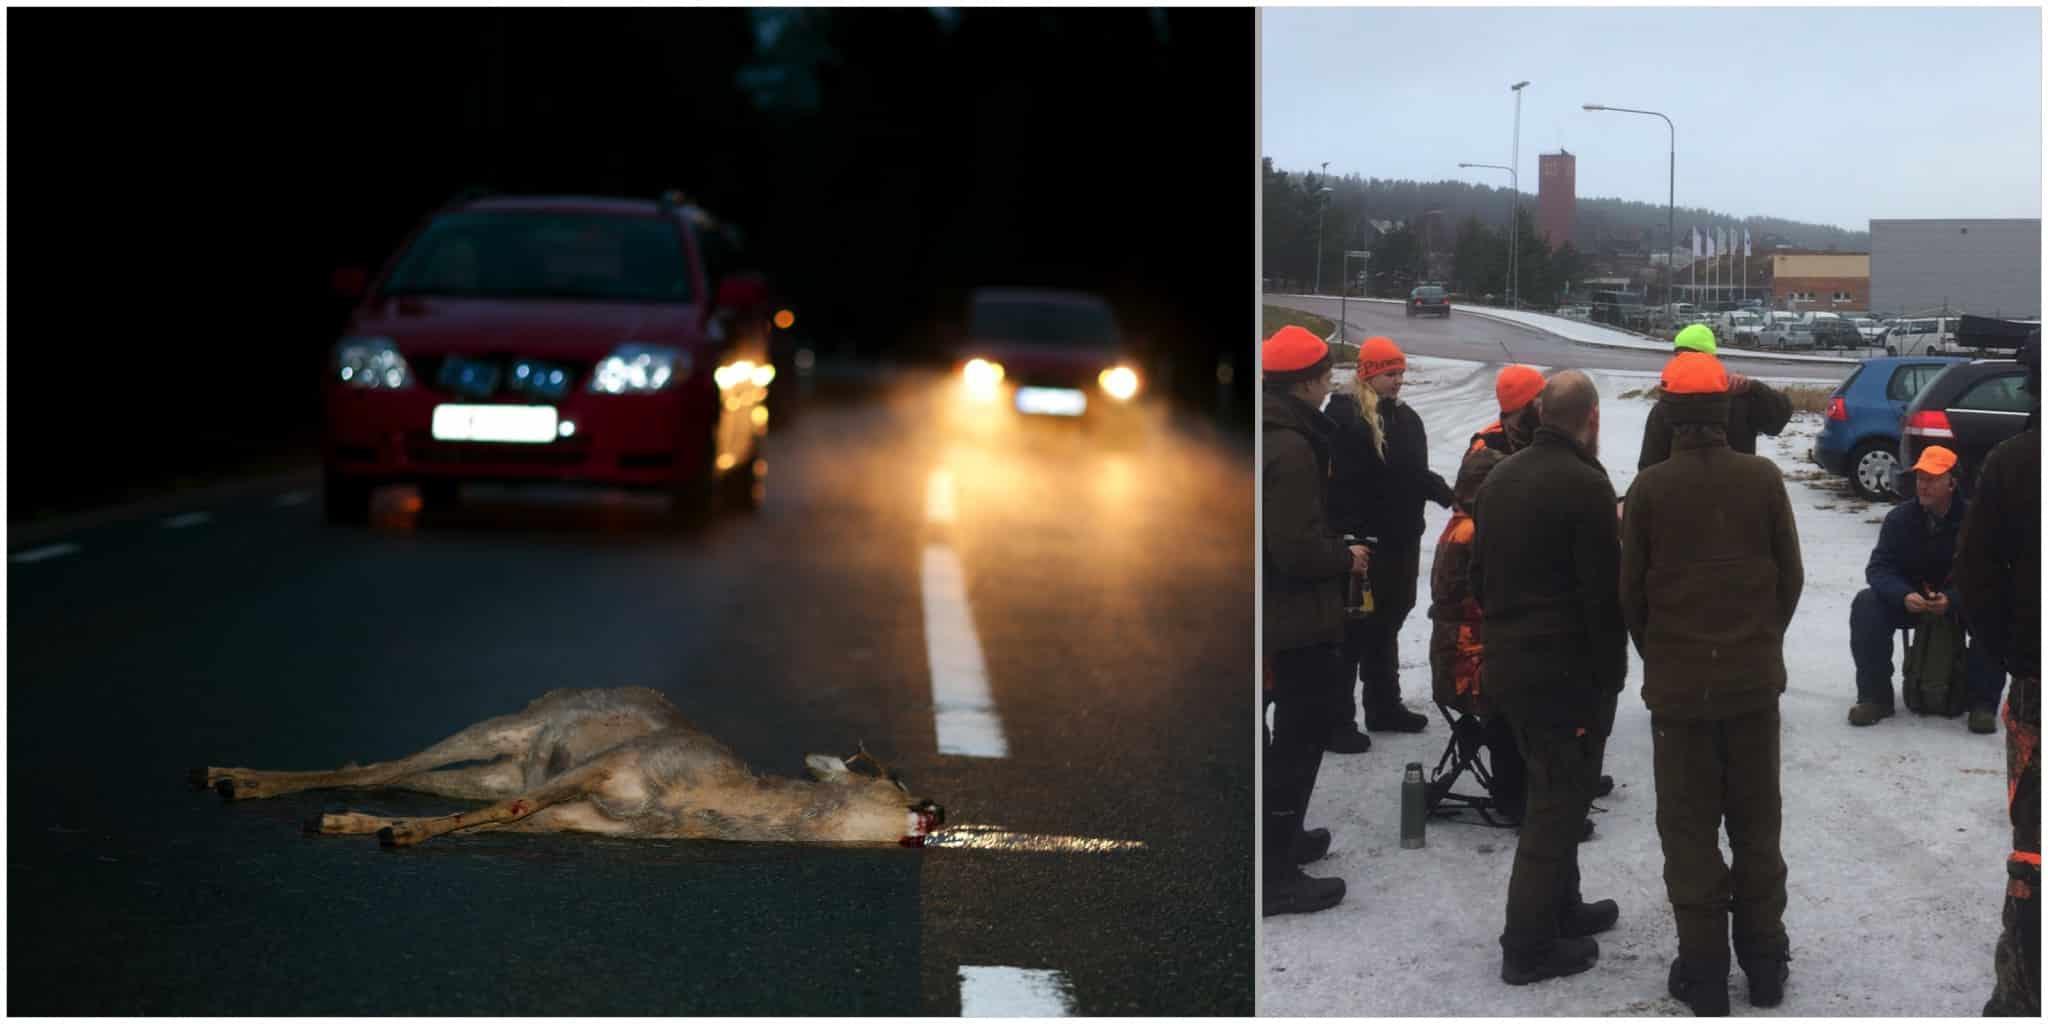 Råd för att undvika delaktig utfodring och tätortsnära jakt ska minska antalet rådjursolyckor i Falun. Foto: Kenneth Johansson samt Jerk Sjöberg